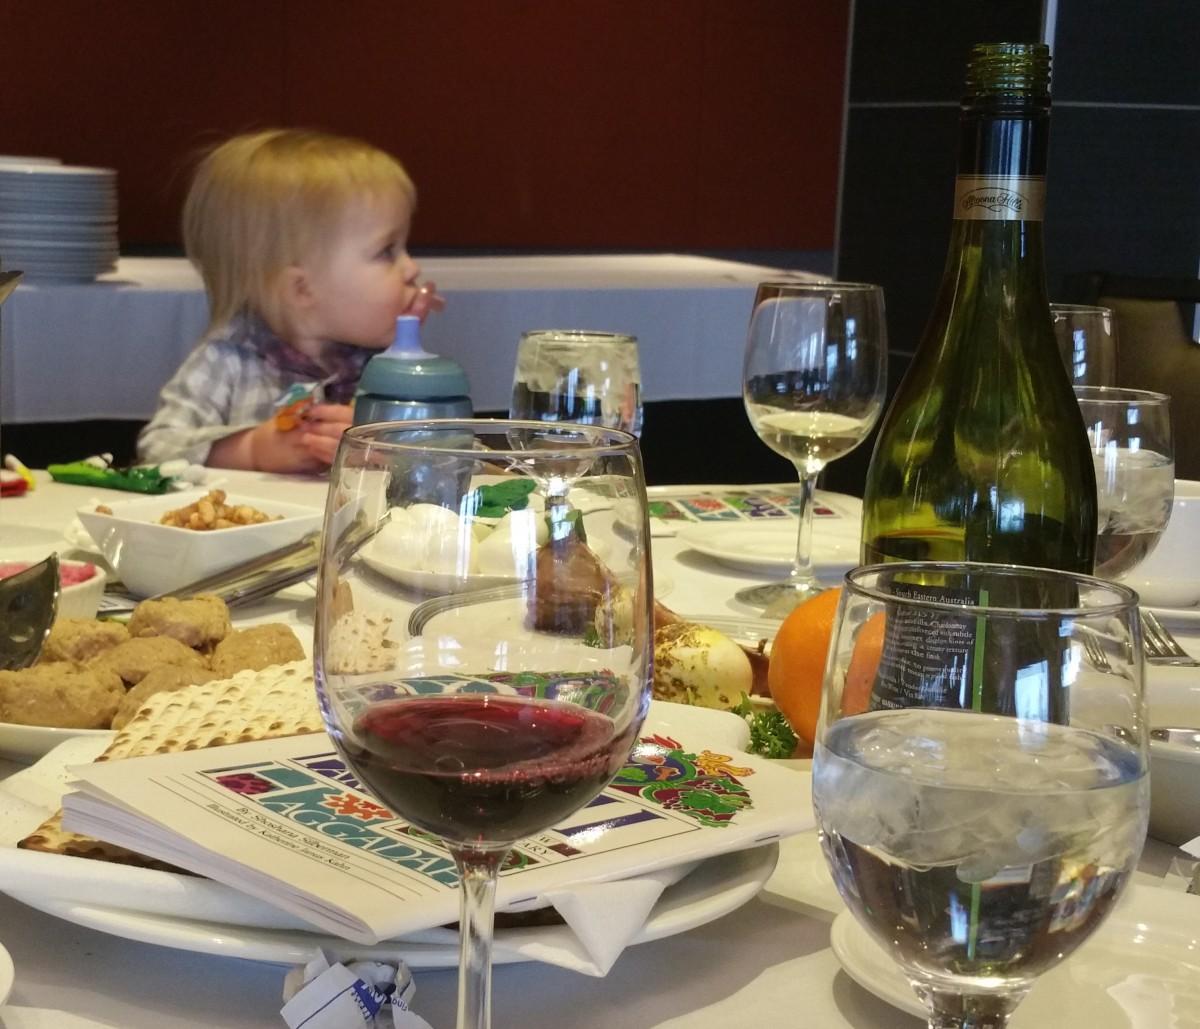 Juice, haggadah, seder plate, gefilte fish, Lucas